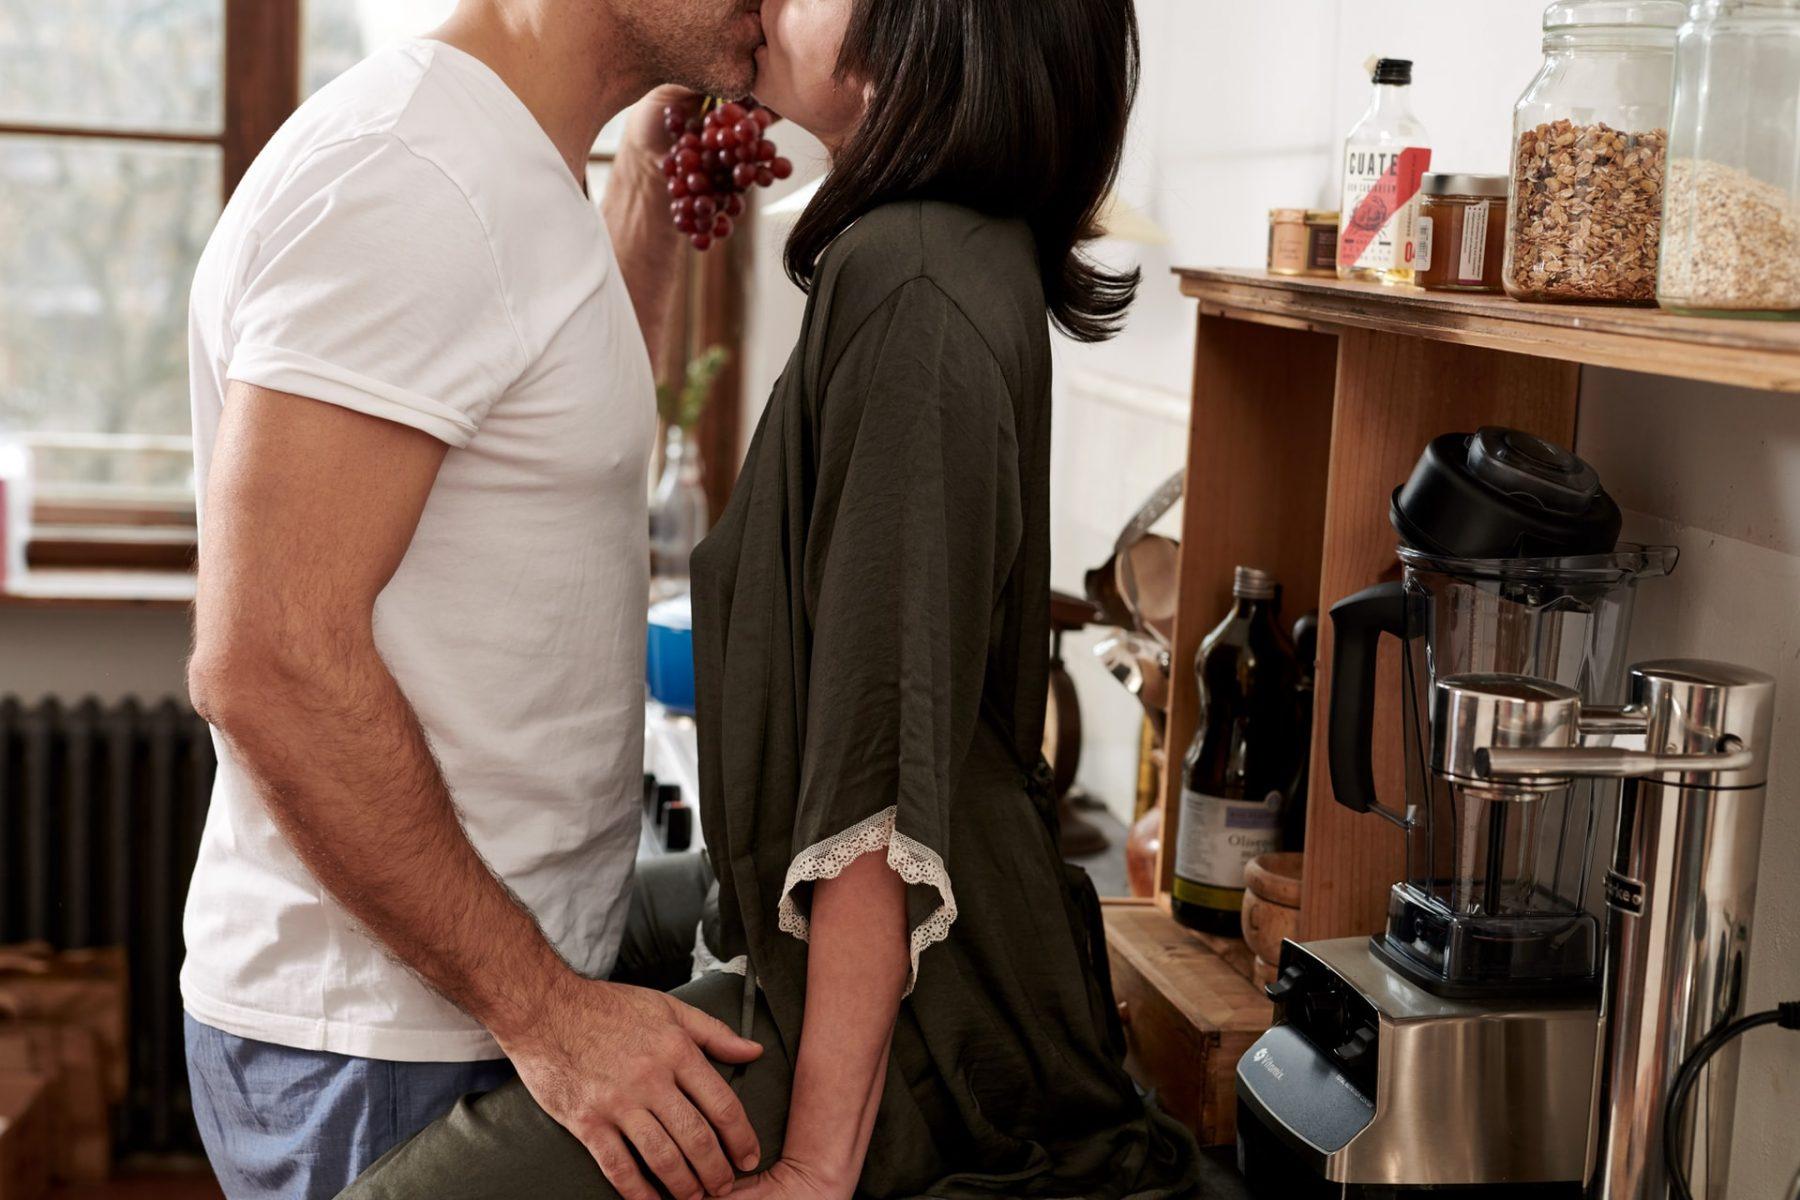 Στάσεις σεξ κίνδυνος: Ποιες είναι οι πιο επικίνδυνες στάσεις στο σεξ;